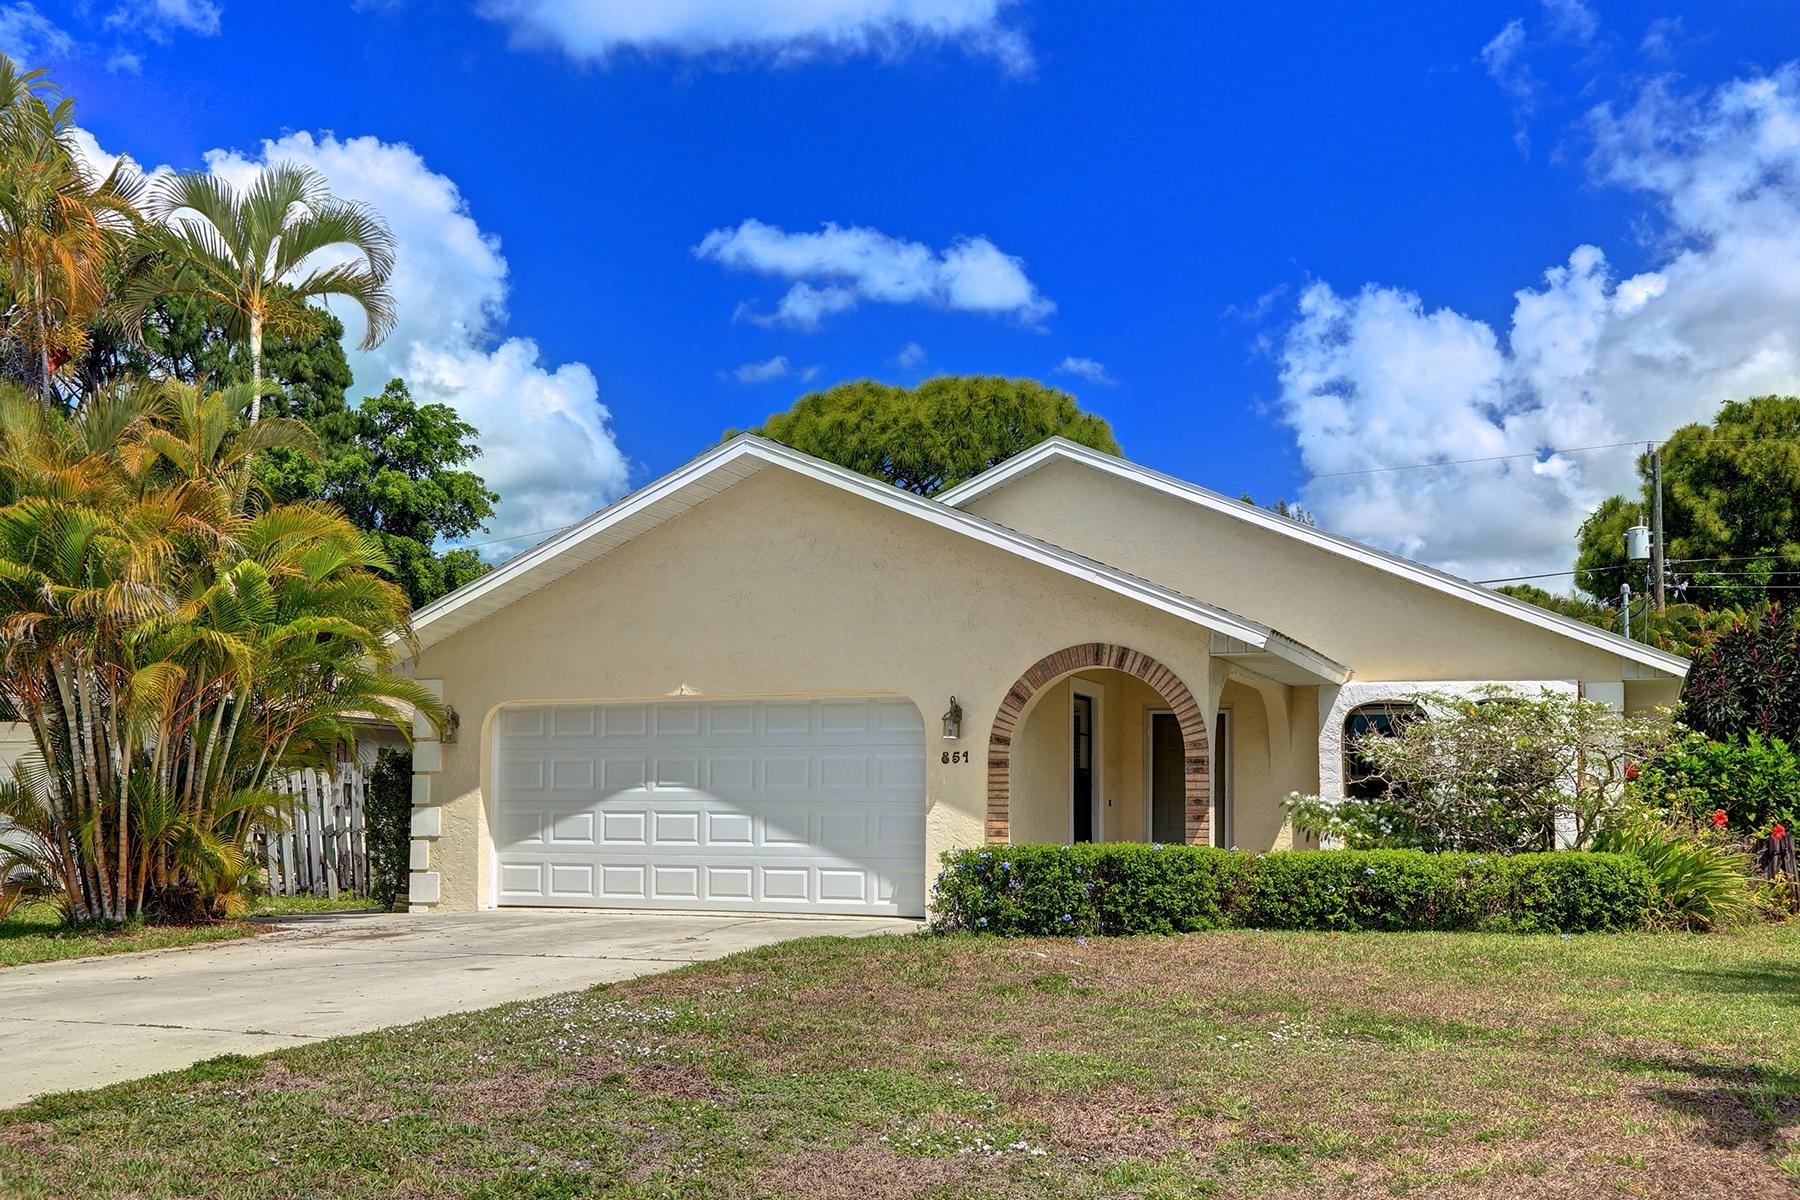 Casa Unifamiliar por un Venta en NAPLES PARK 851 92nd Ave N Naples, Florida 34108 Estados Unidos